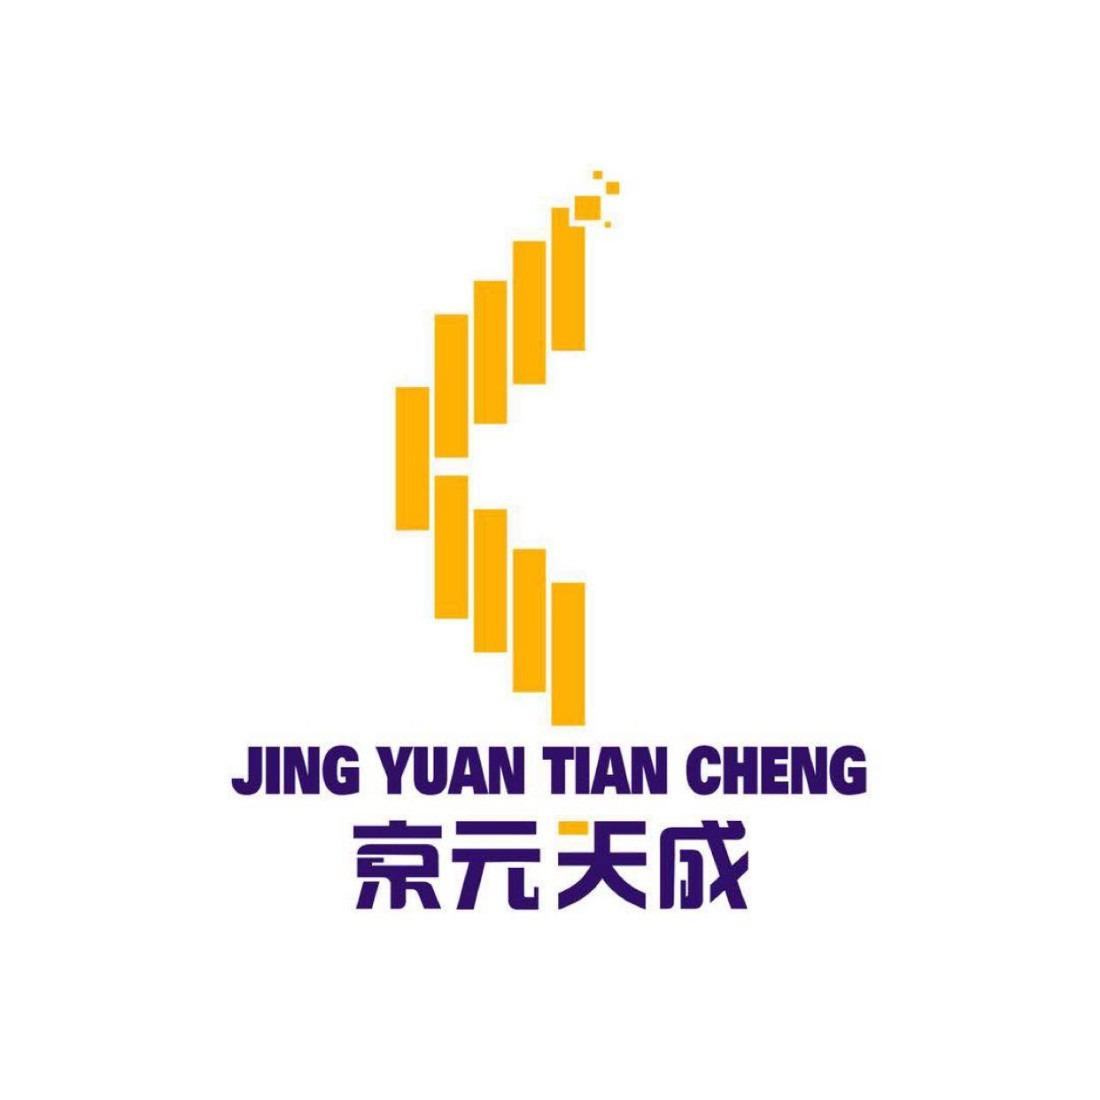 北京京元天成商貿有限公司